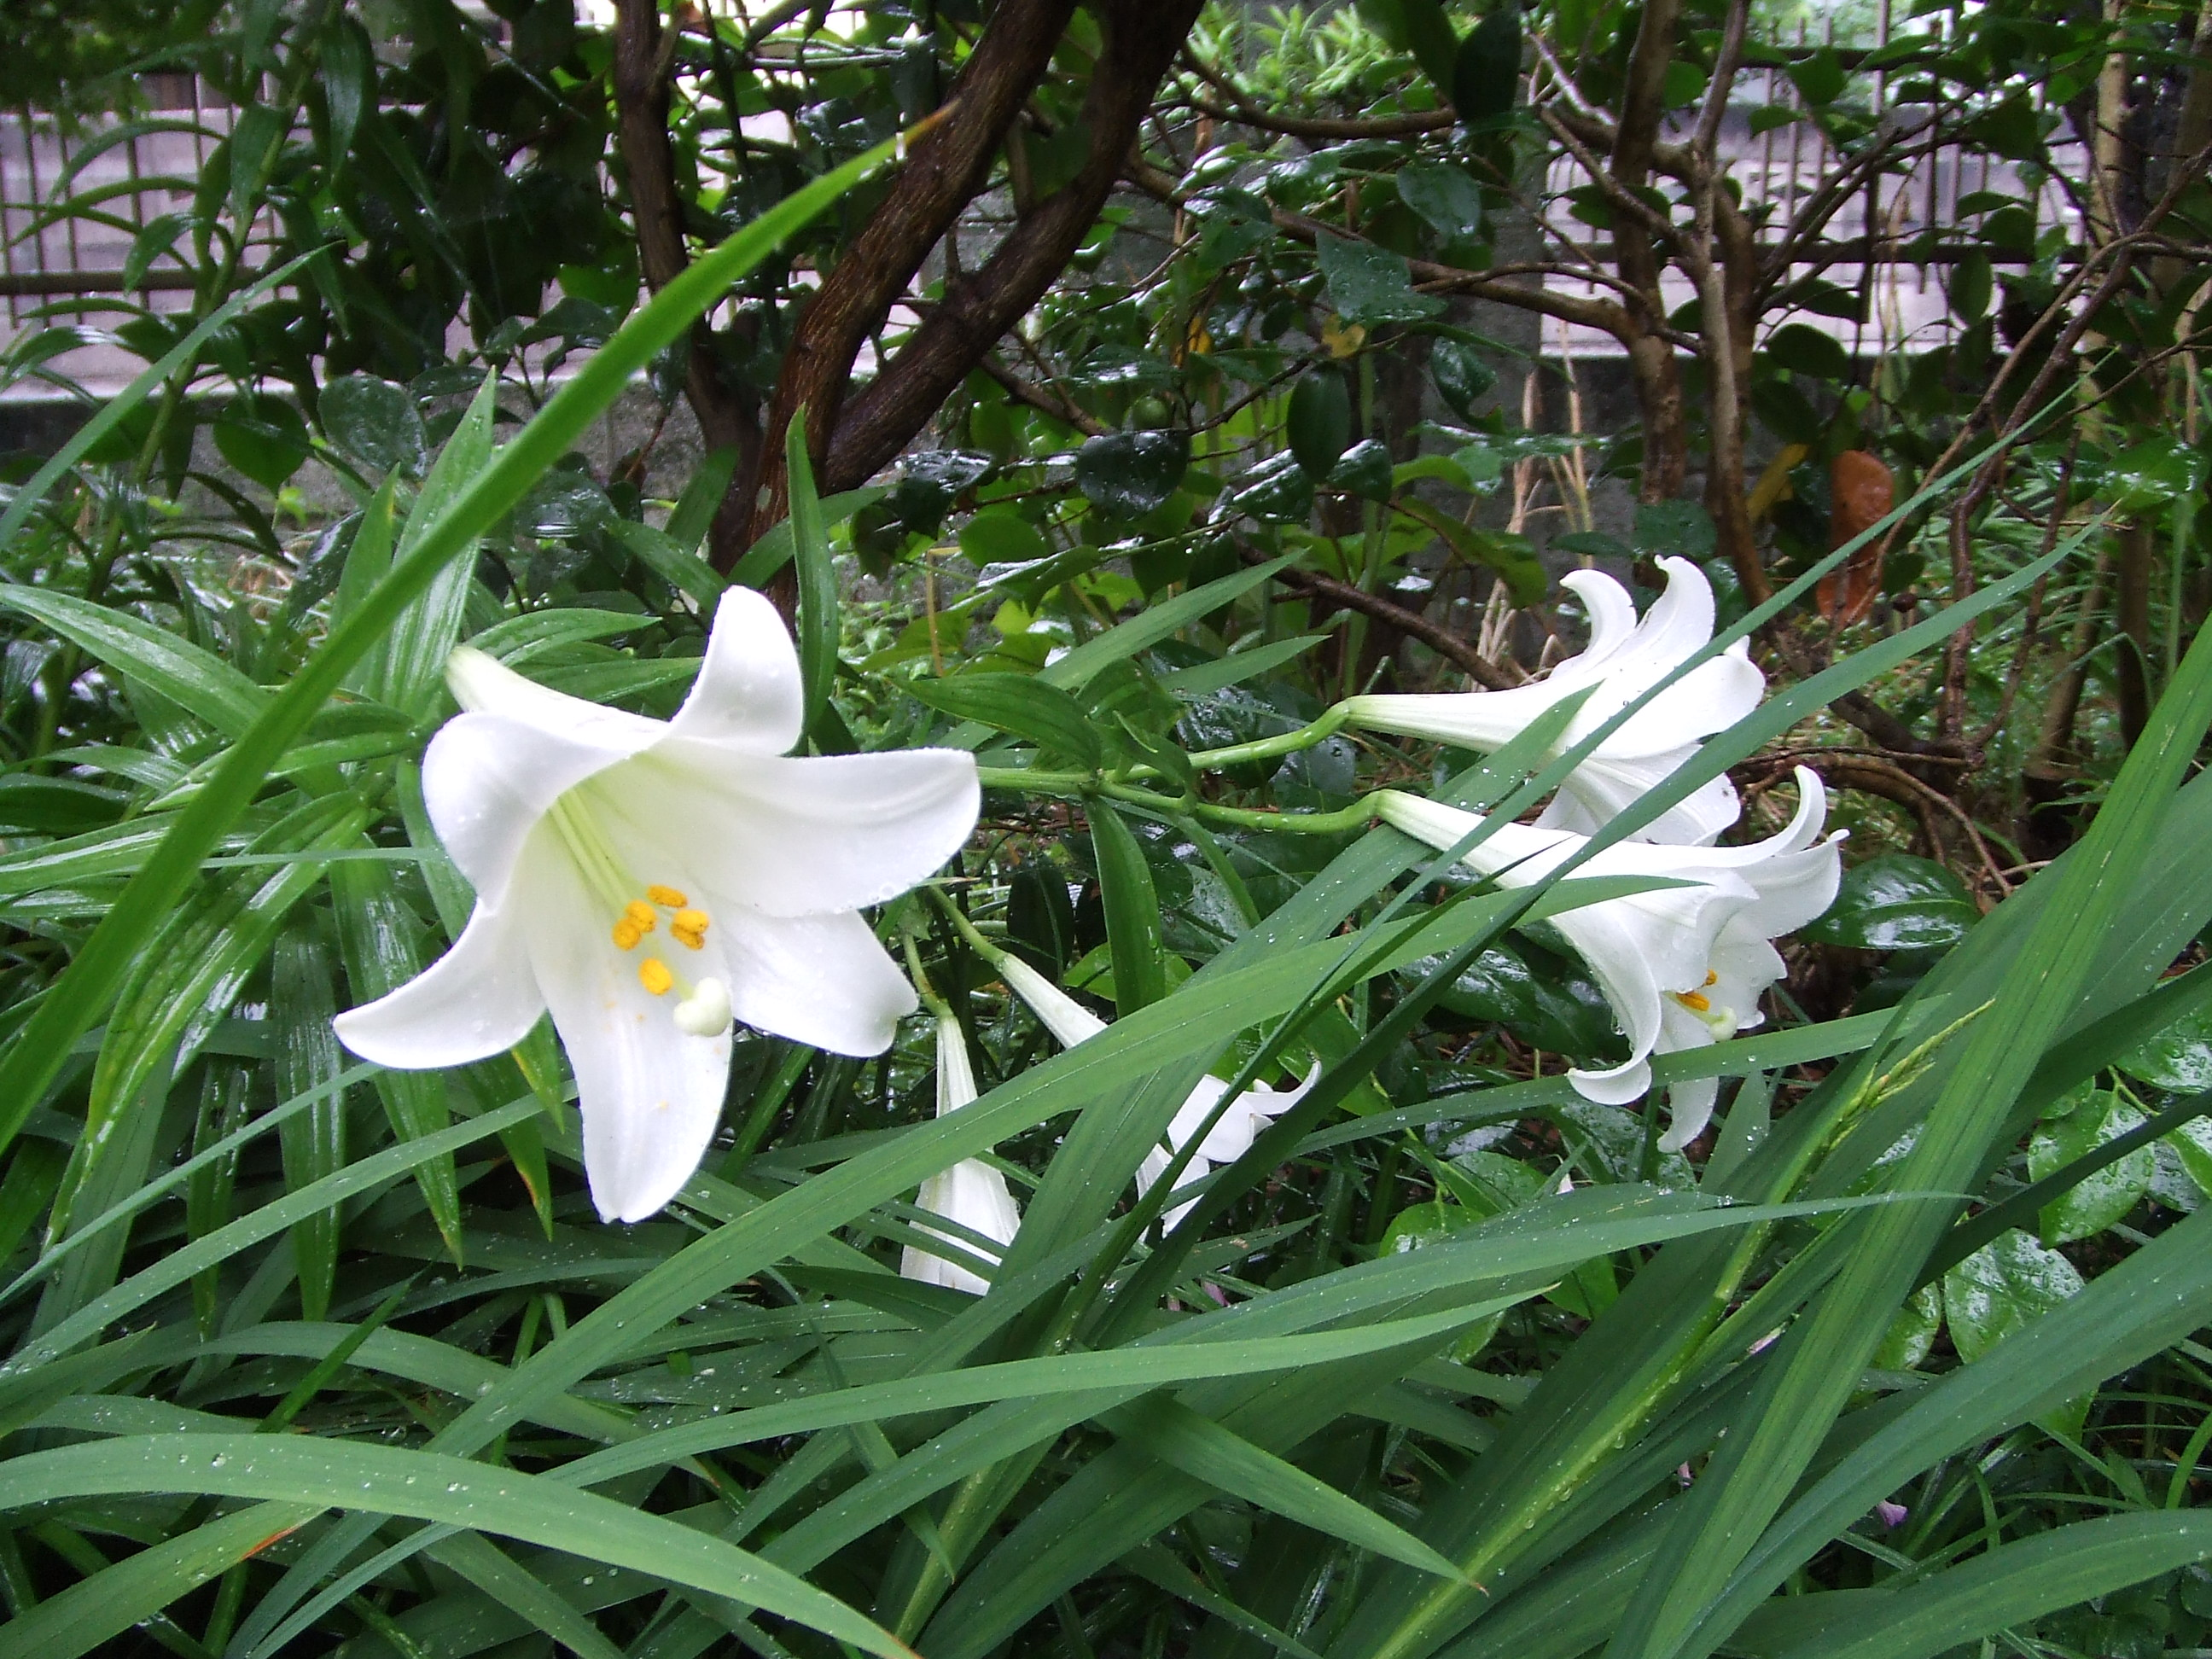 ユリの花が咲きました。 : わたしは英語で生きていく!